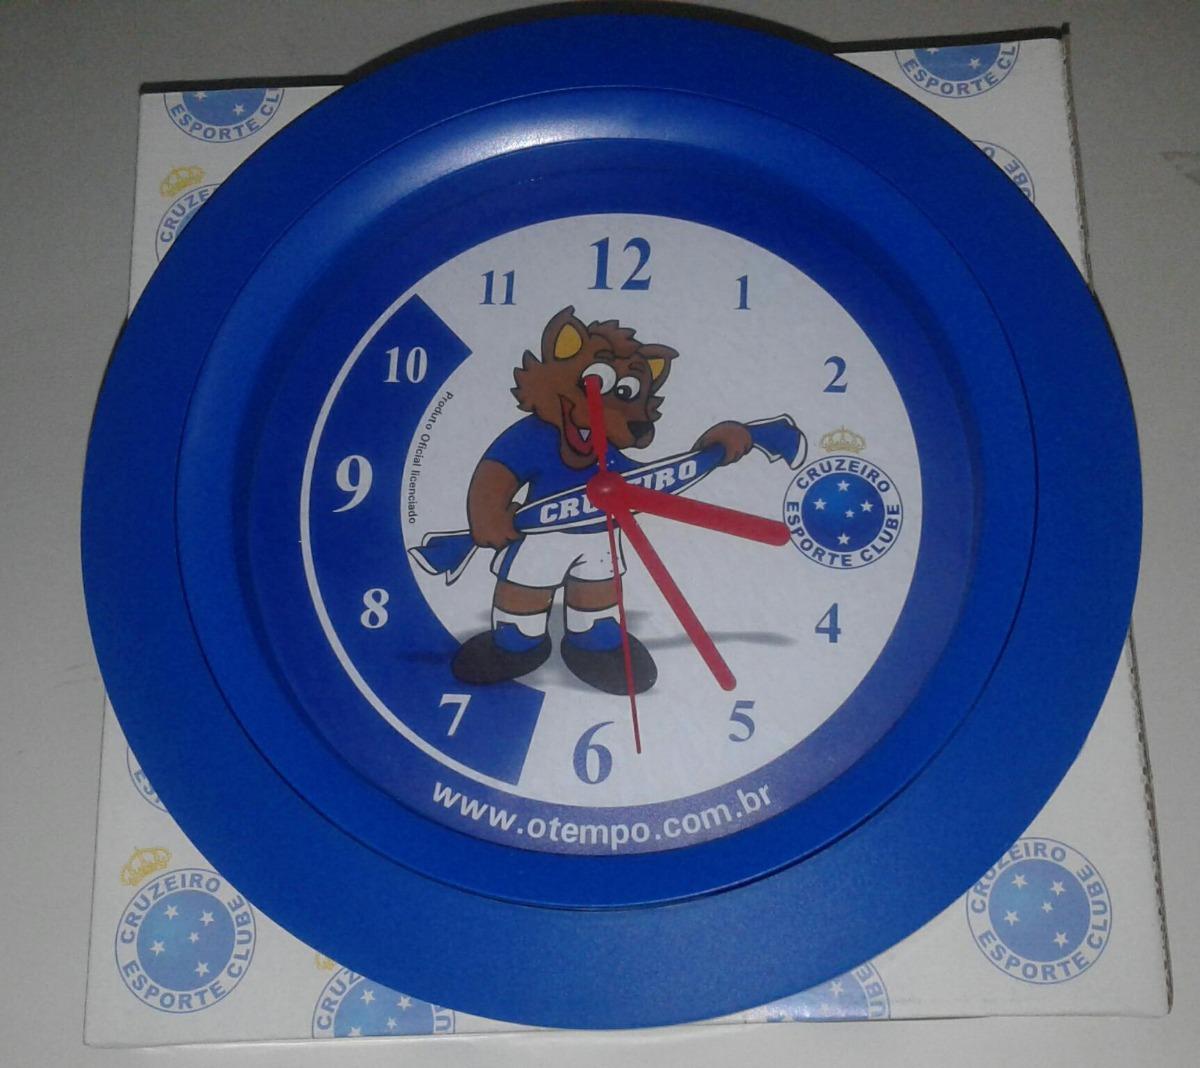 c5512145b22 Relógio De Parede Cruzeiro Esporte Clube Raposa - R  23